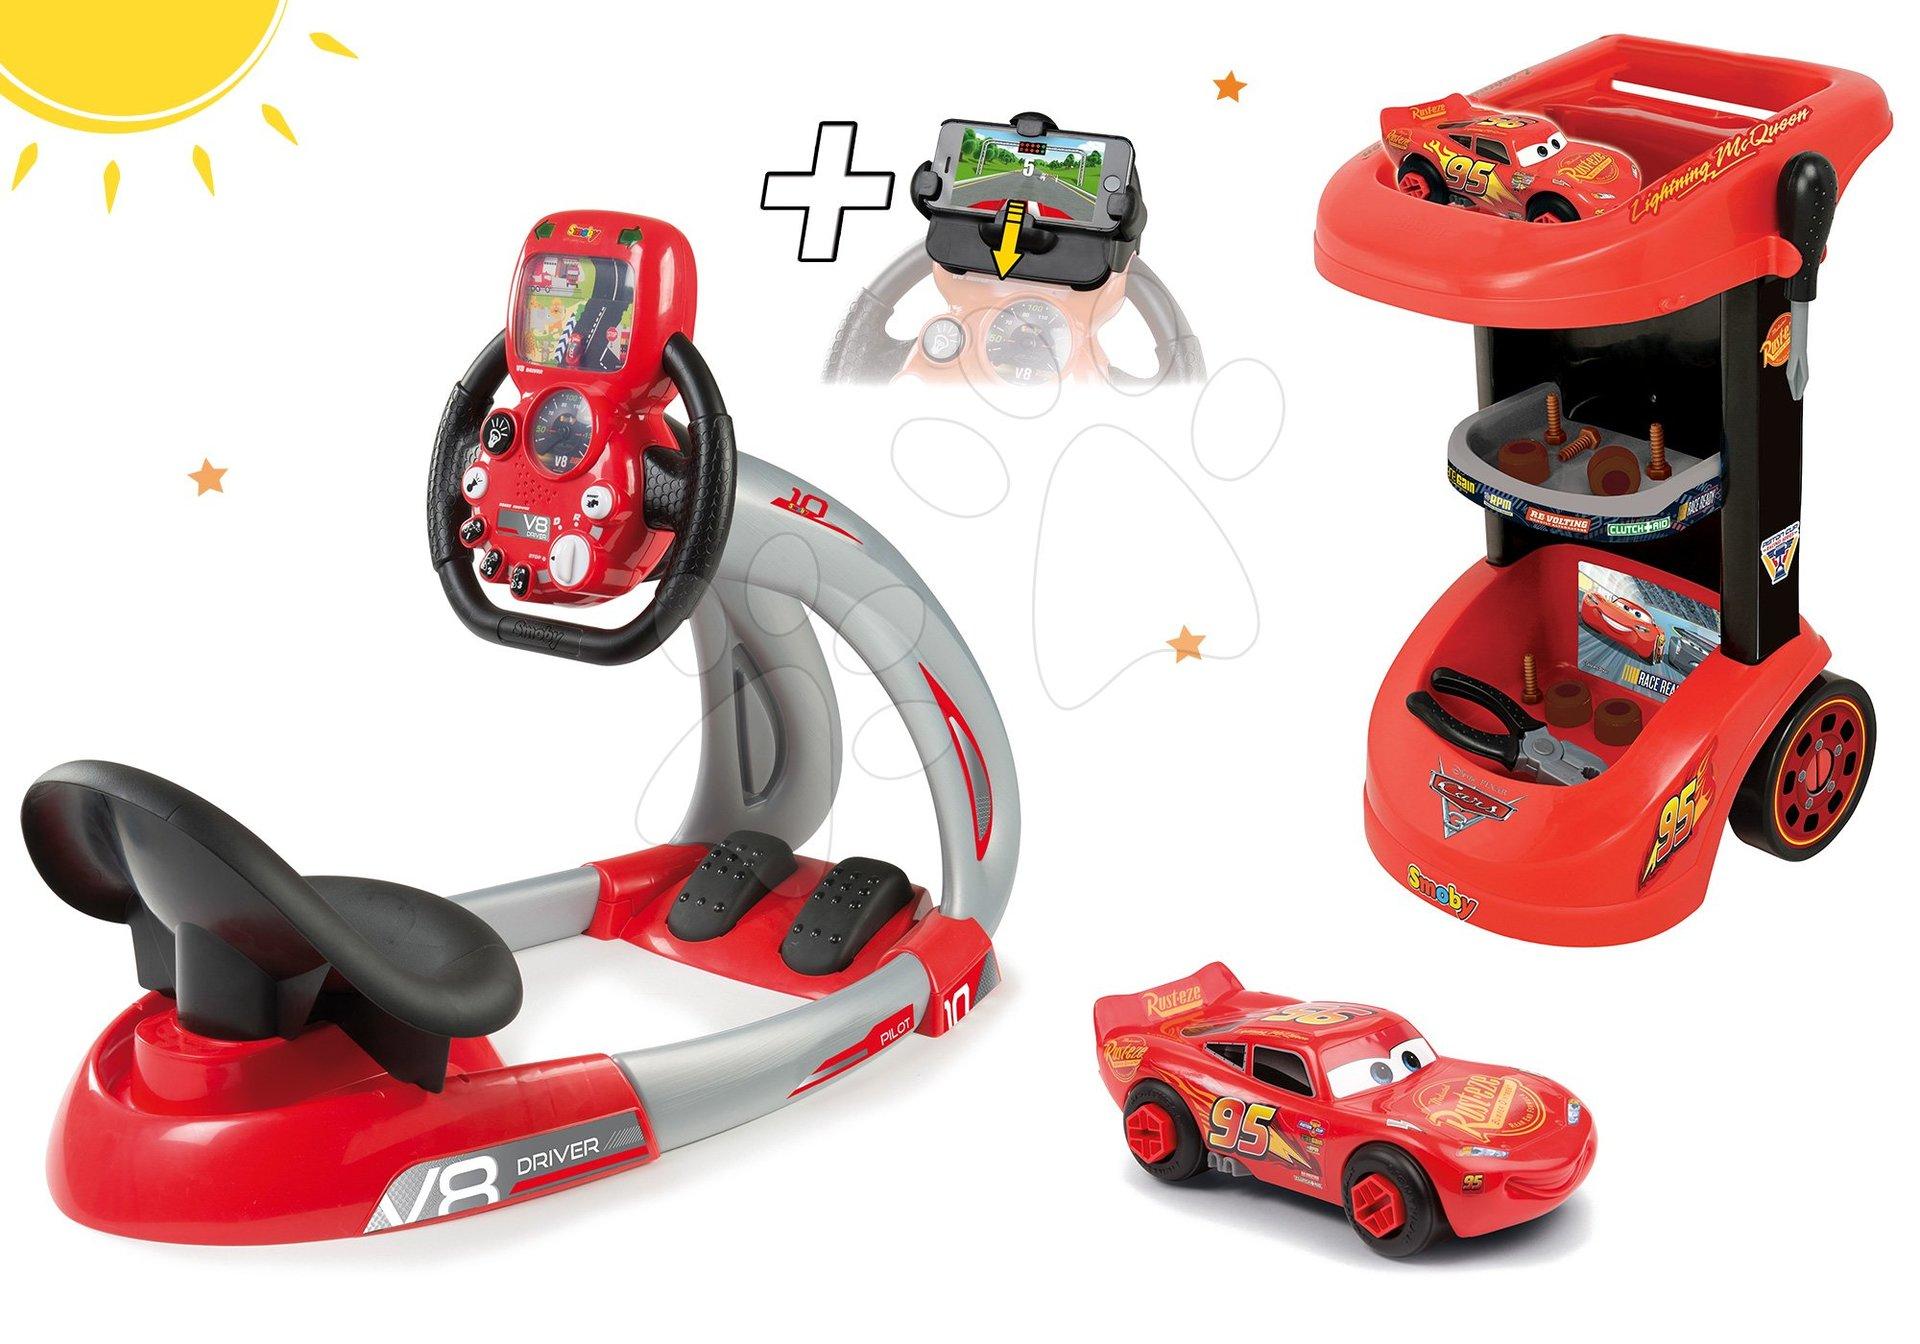 Detská dielňa sety - Set detský pracovný vozík Autá Smoby so skladacím autíčkom a elektronický trenažér V8 Driver